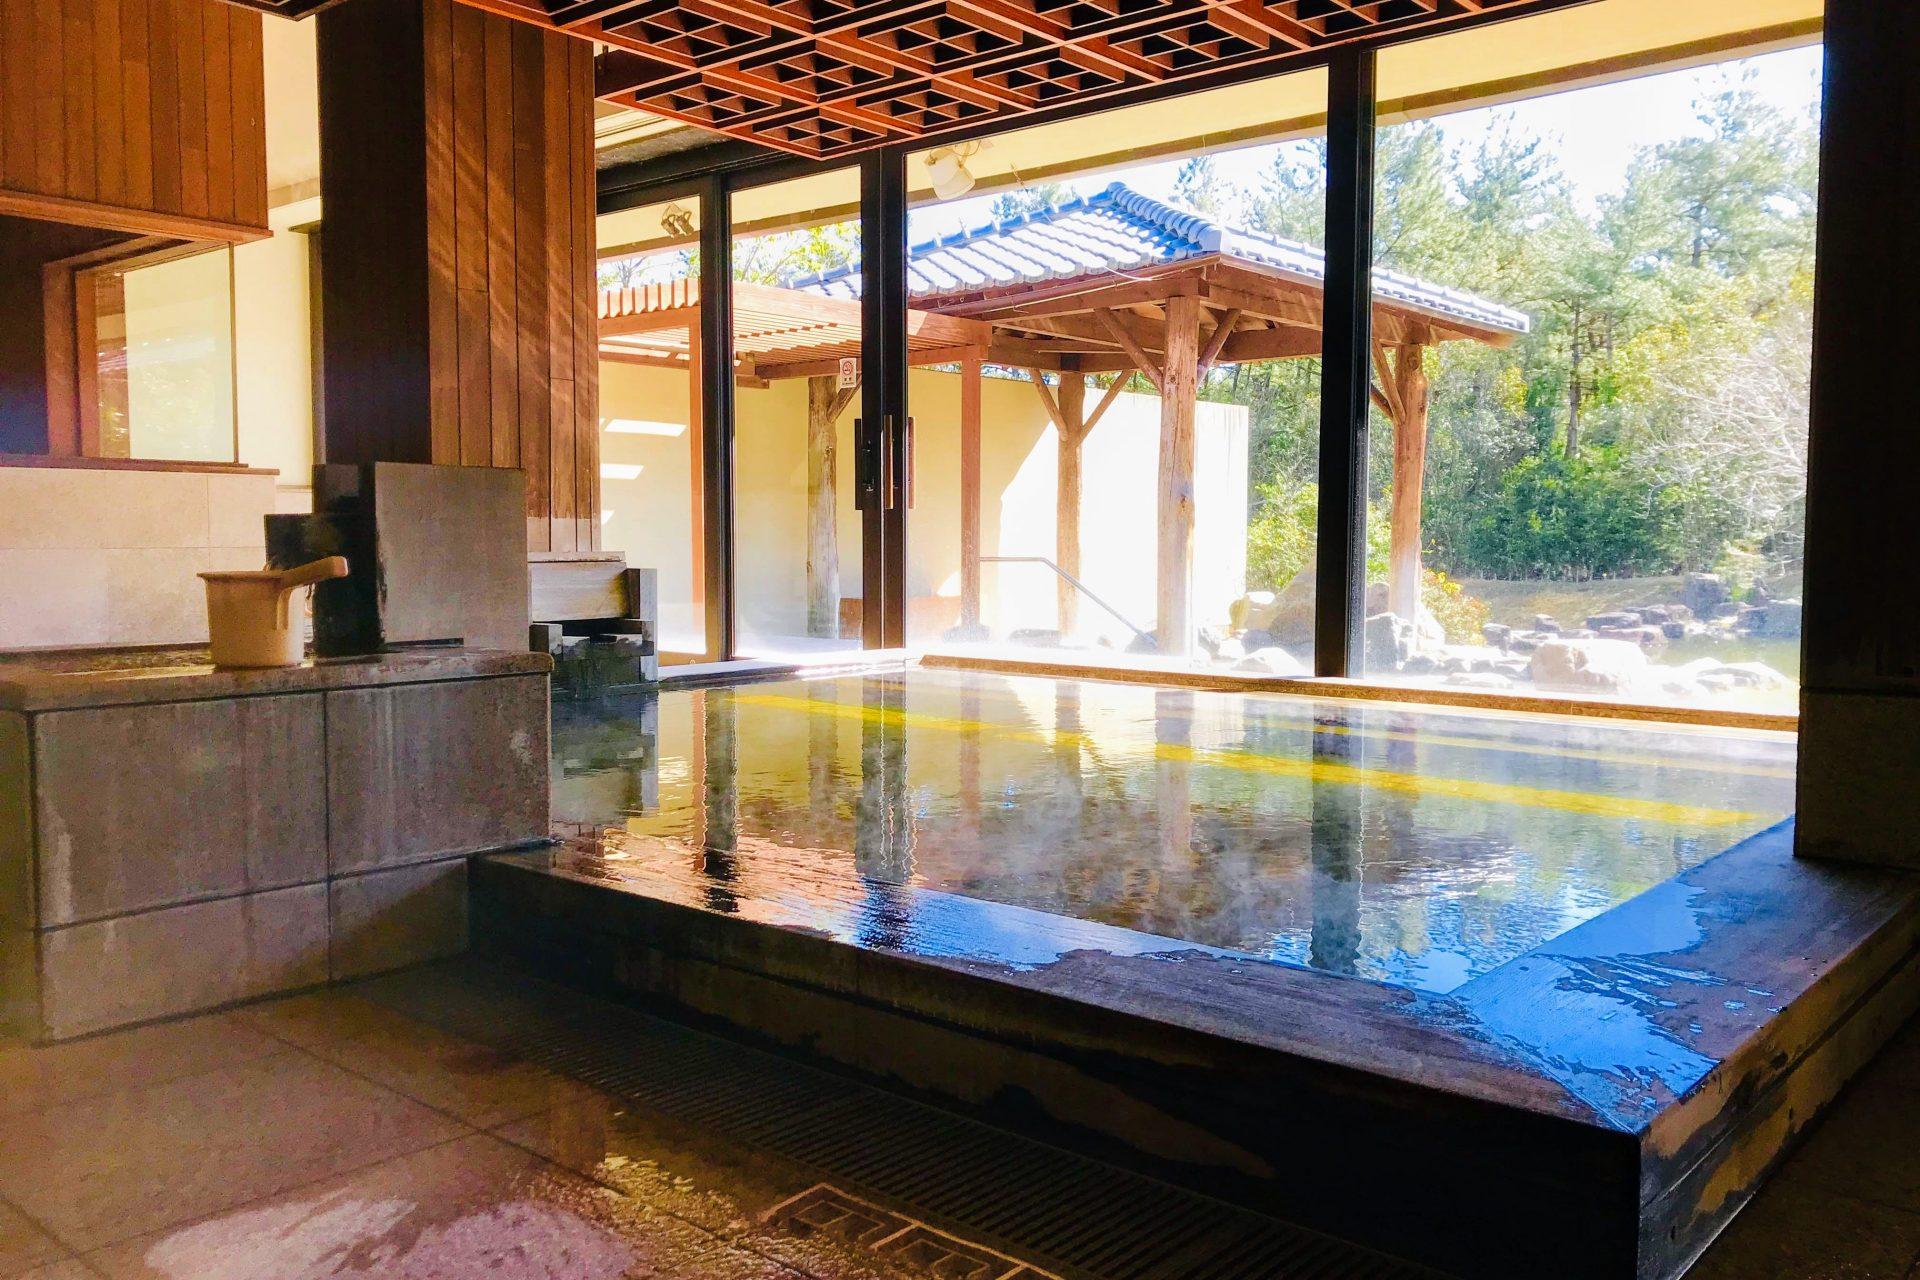 新月 温泉 宮崎 リゾートホテル シェラトン グランデ オーシャン